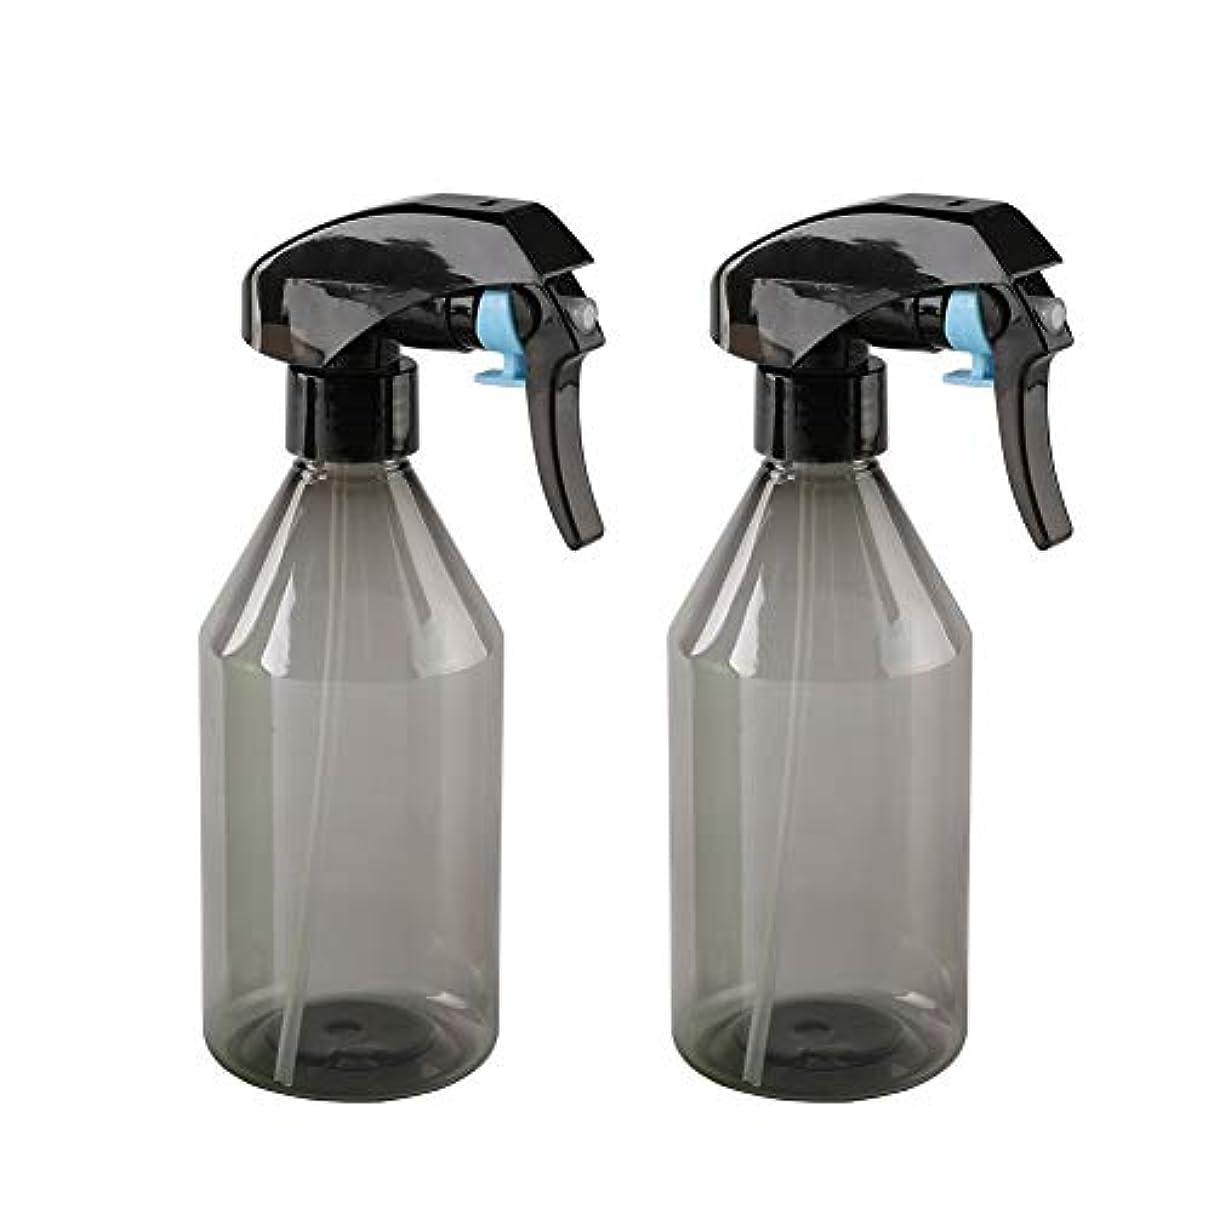 ジャズ機会ストライドプラスチックエアスプレーボトル 超微細スプレー 詰め替え式スプレー容器 - 掃除、植物、ヘアー用 300ml*2個 (グレイ)